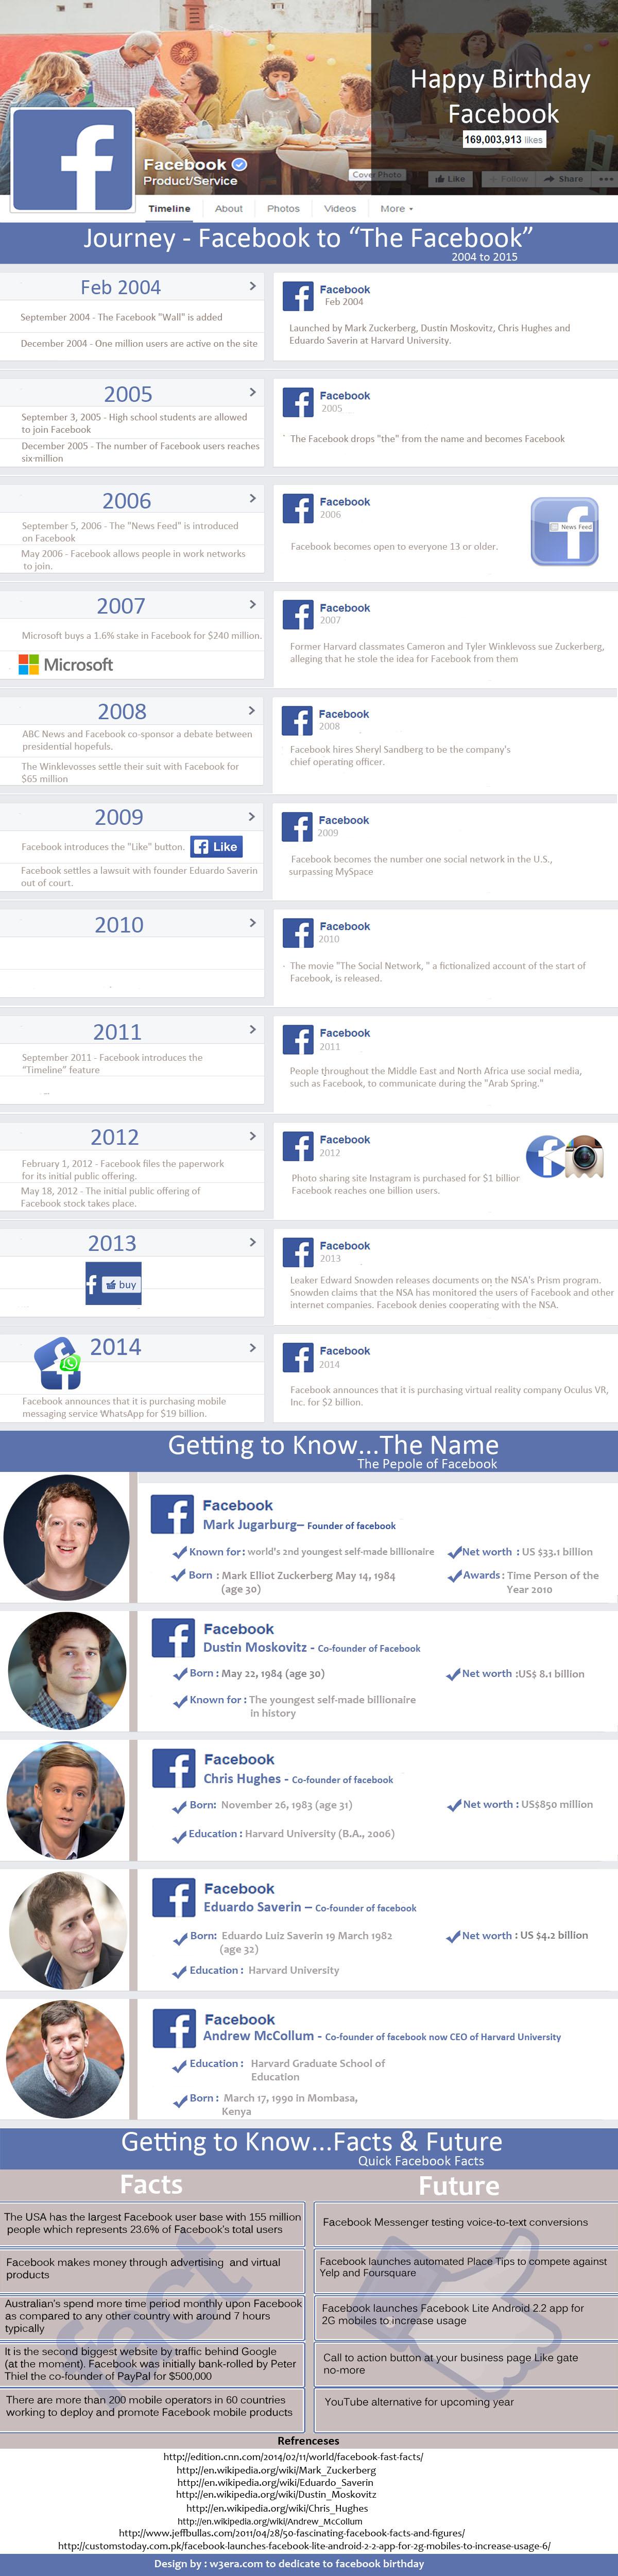 Happy-birthday-facebook-2015-infographic